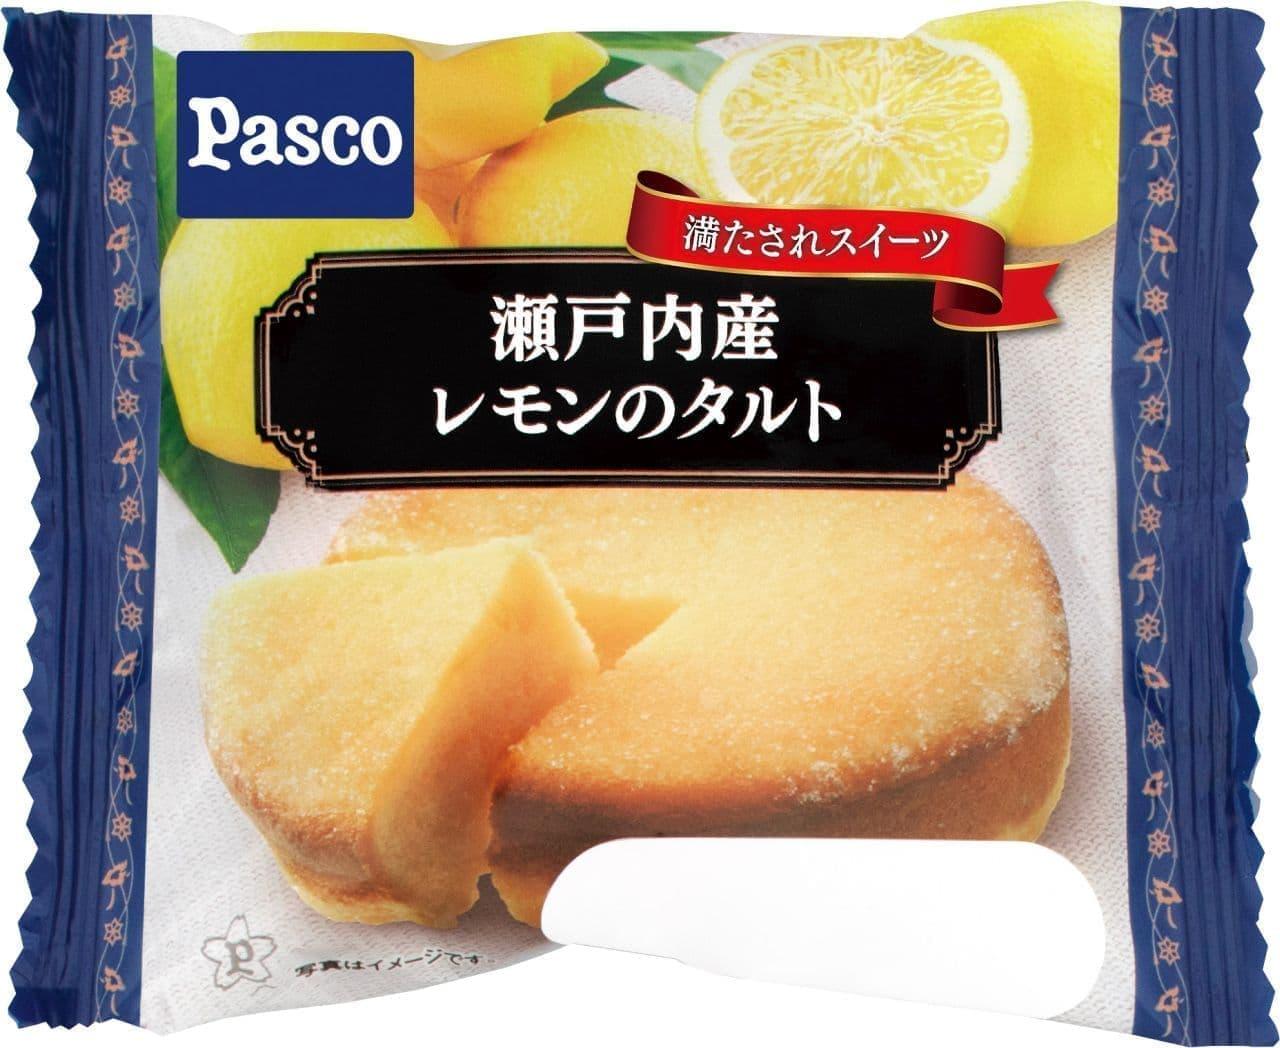 パスコ「瀬戸内産レモンのタルト」